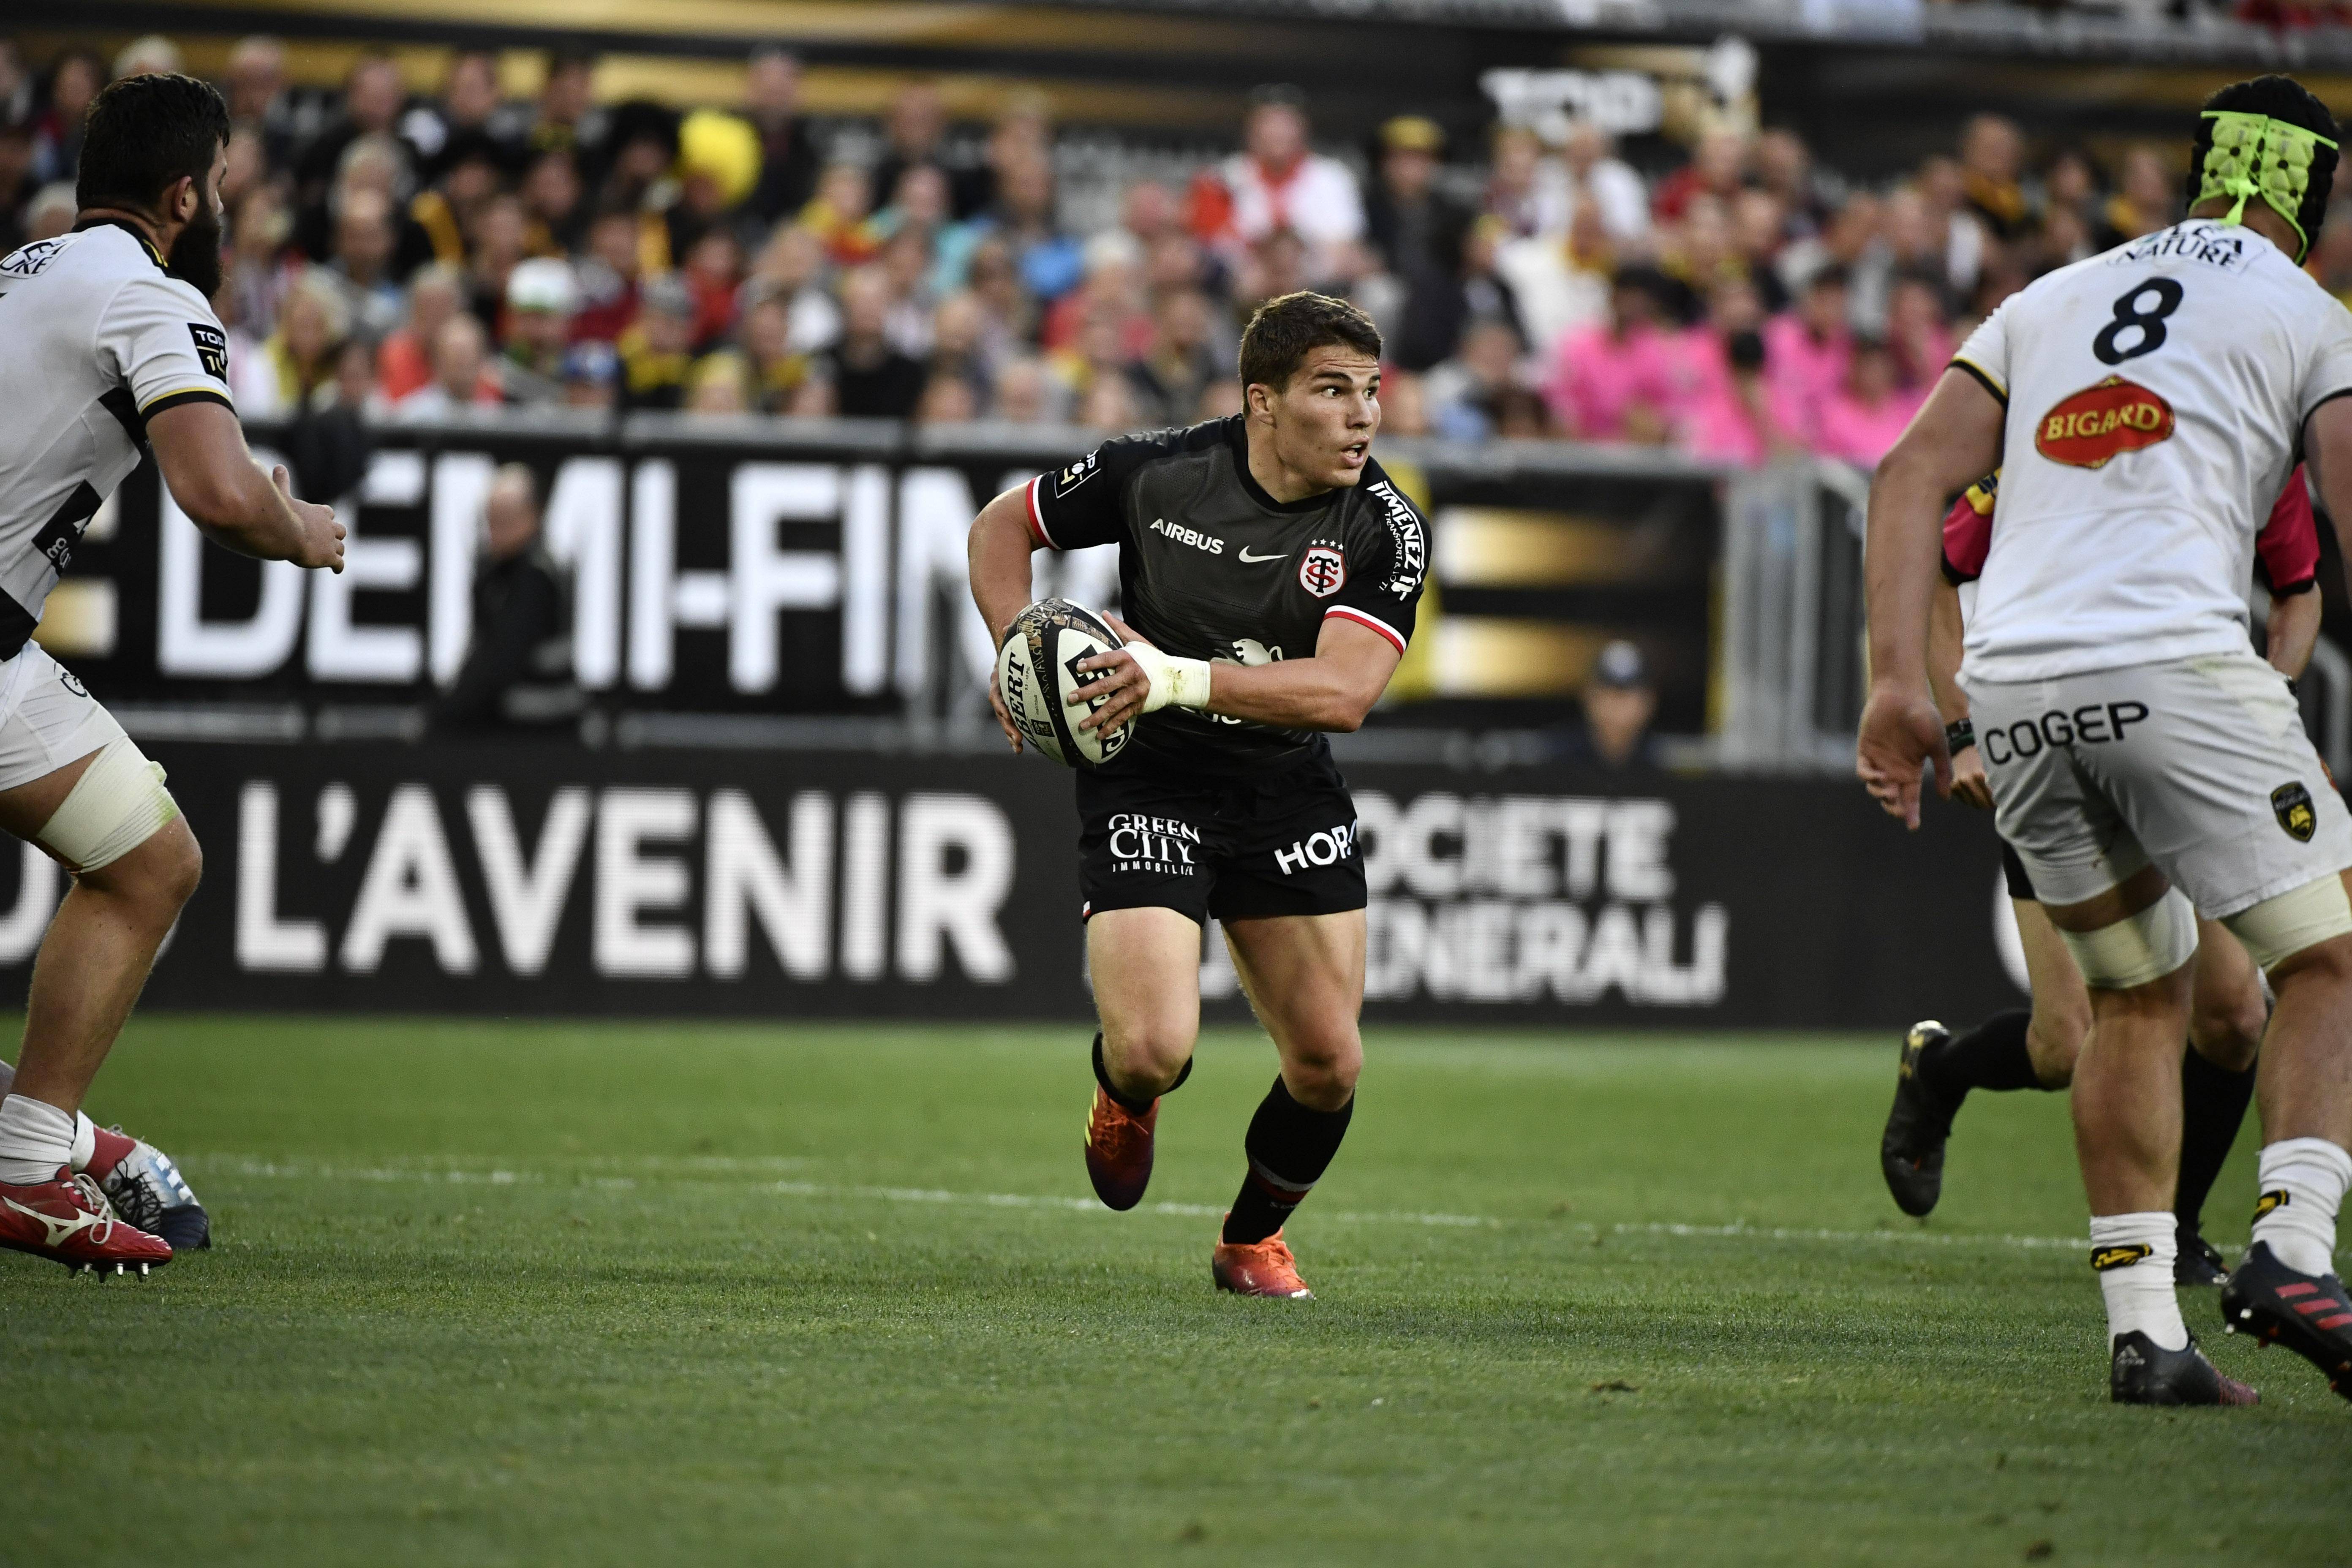 Rugby - Top 14 - Dupont : «Ramener le bouclier serait une fierté, mais il nous reste un gros match»